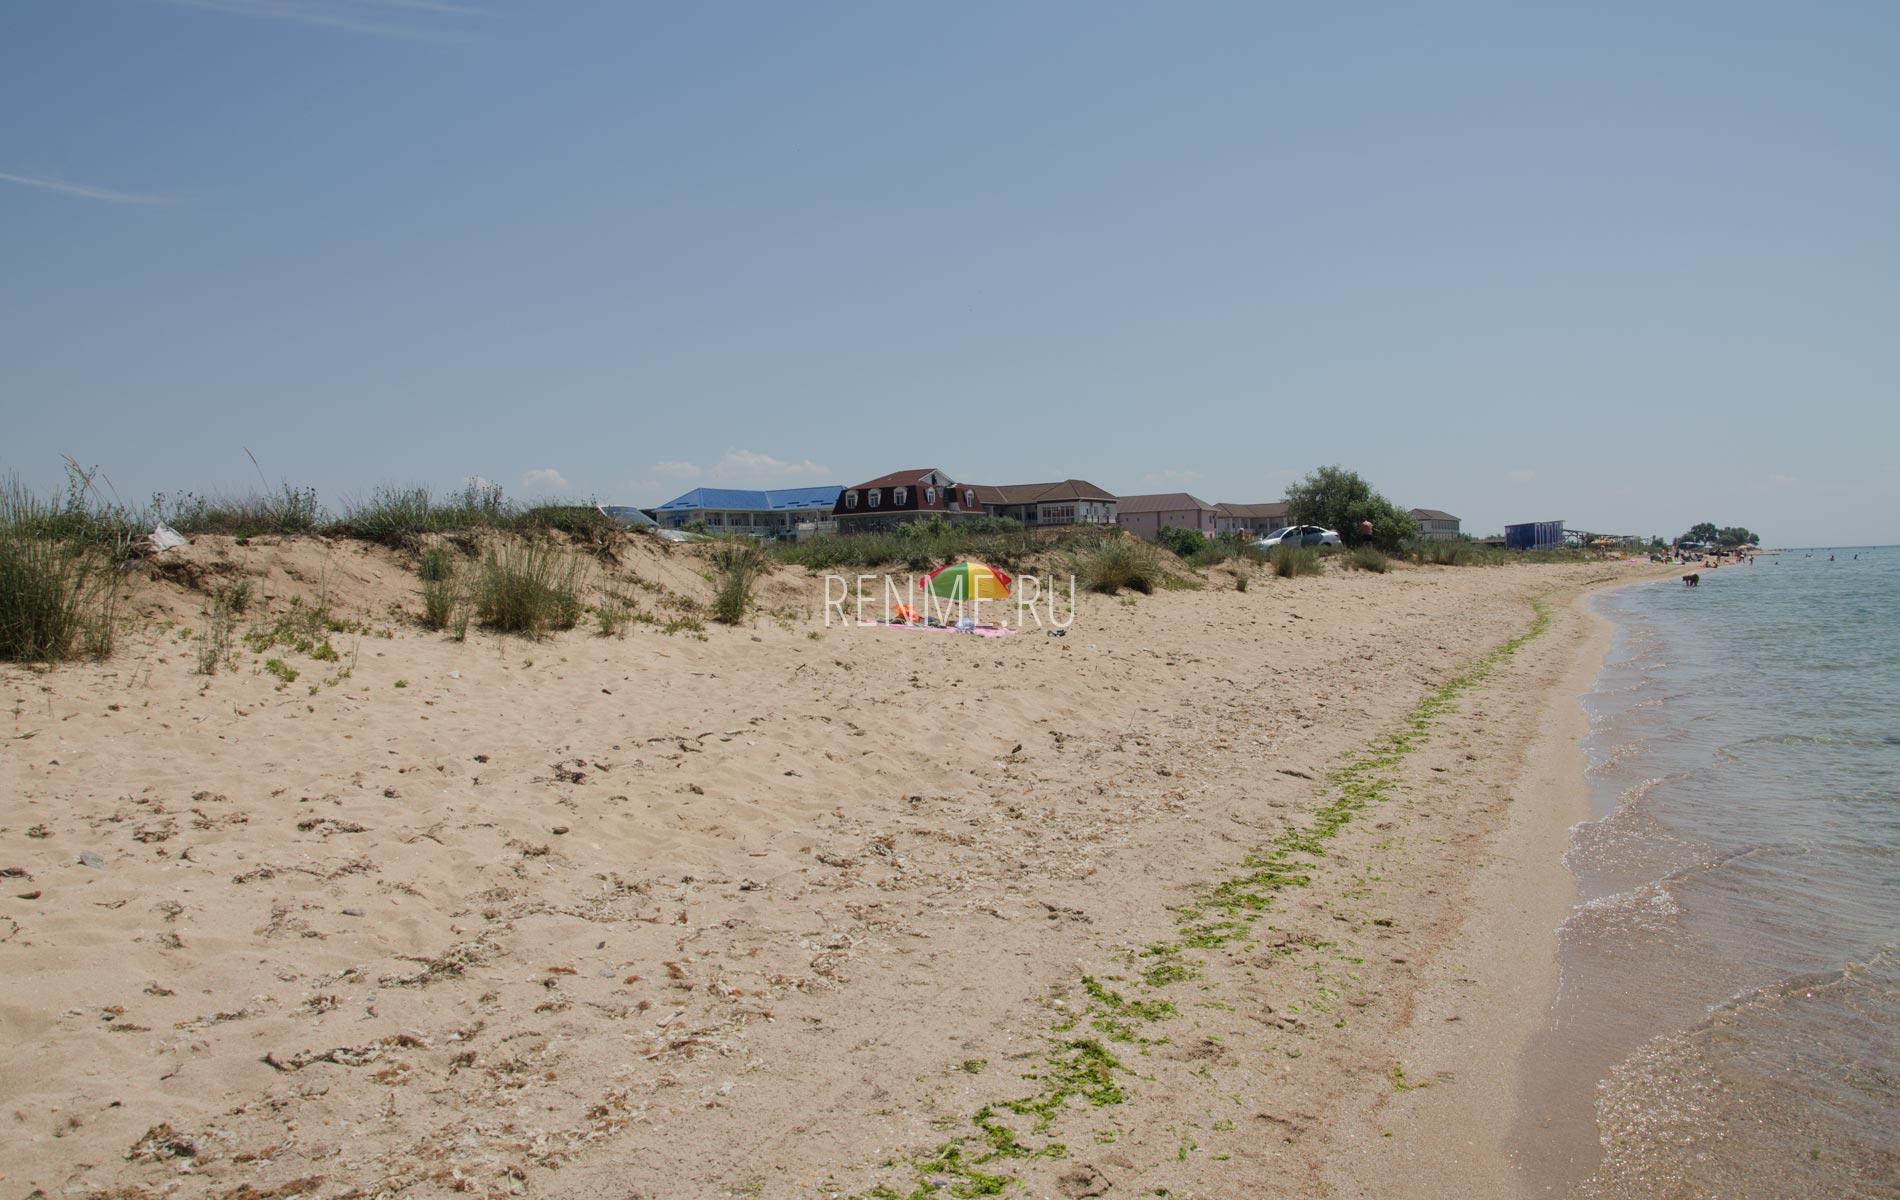 Дикий песчаный пляж возле отелей. Фото Заозёрного